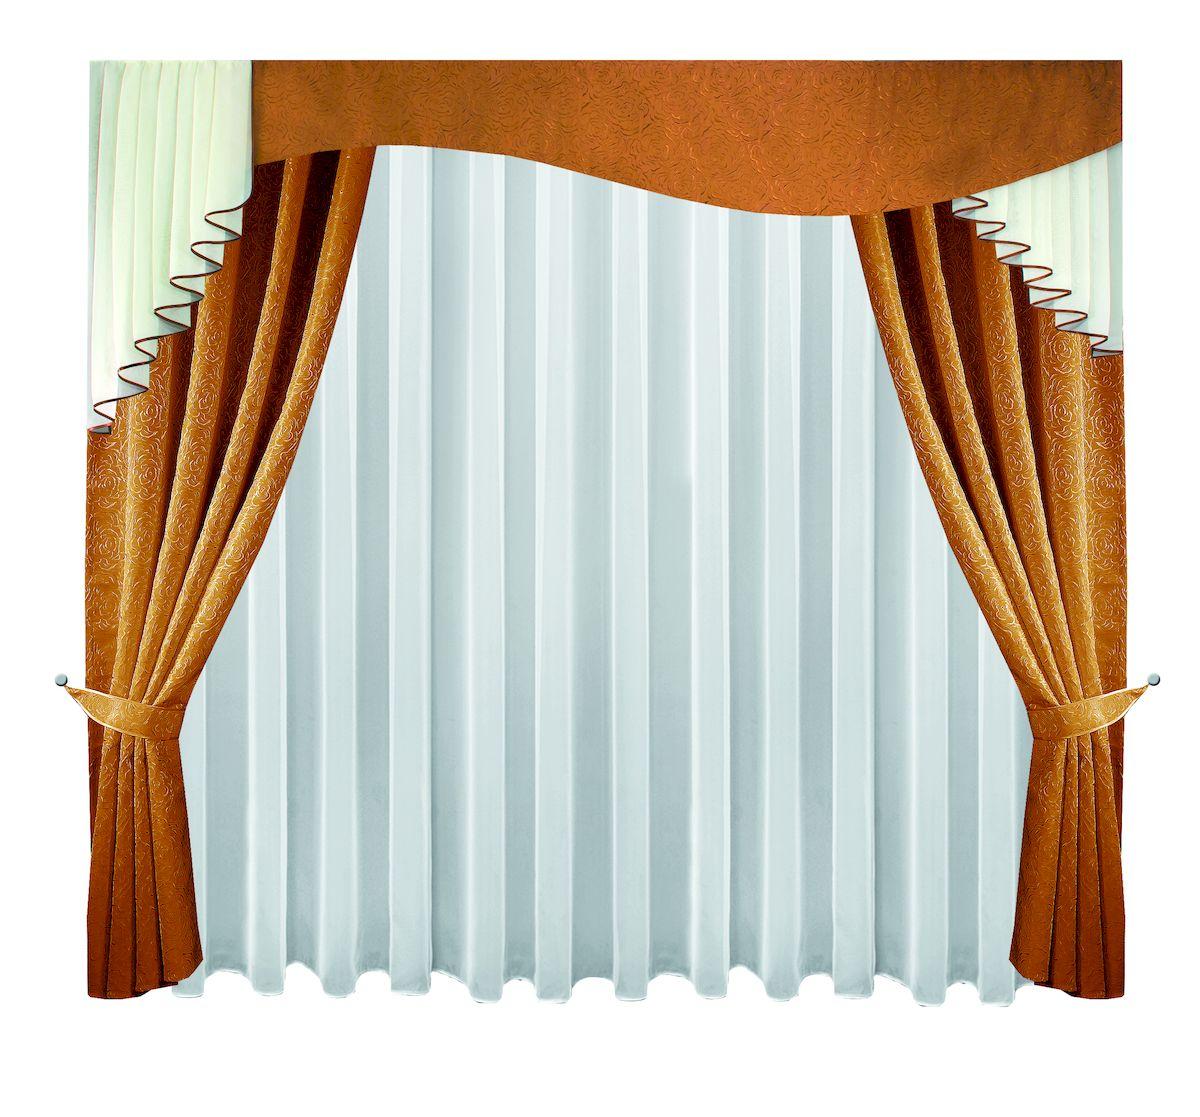 Комплект штор Zlata Korunka, на ленте, цвет: шоколадный, высота 250 см. 6662766627Комплект штор Zlata Korunka, выполненный из полиэстера, великолепно украсит любое окно. Комплект состоит из тюля, ламбрекена, двух штор и двух подхватов. Изящный узор и приятная цветовая гамма привлекут к себе внимание и органично впишутся в интерьер помещения. Этот комплект будет долгое время радовать вас и вашу семью!Комплект крепится на карниз при помощи ленты, которая поможет красиво и равномерно задрапировать верх.В комплект входит: Тюль: 1 шт. Размер (Ш х В): 400 см х 250 см. Ламбрекен: 1 шт. Размер (Ш х В): 300 см х 100 см. Штора: 2 шт. Размер (Ш х В): 138 см х 250 см.Подхват: 2 шт.